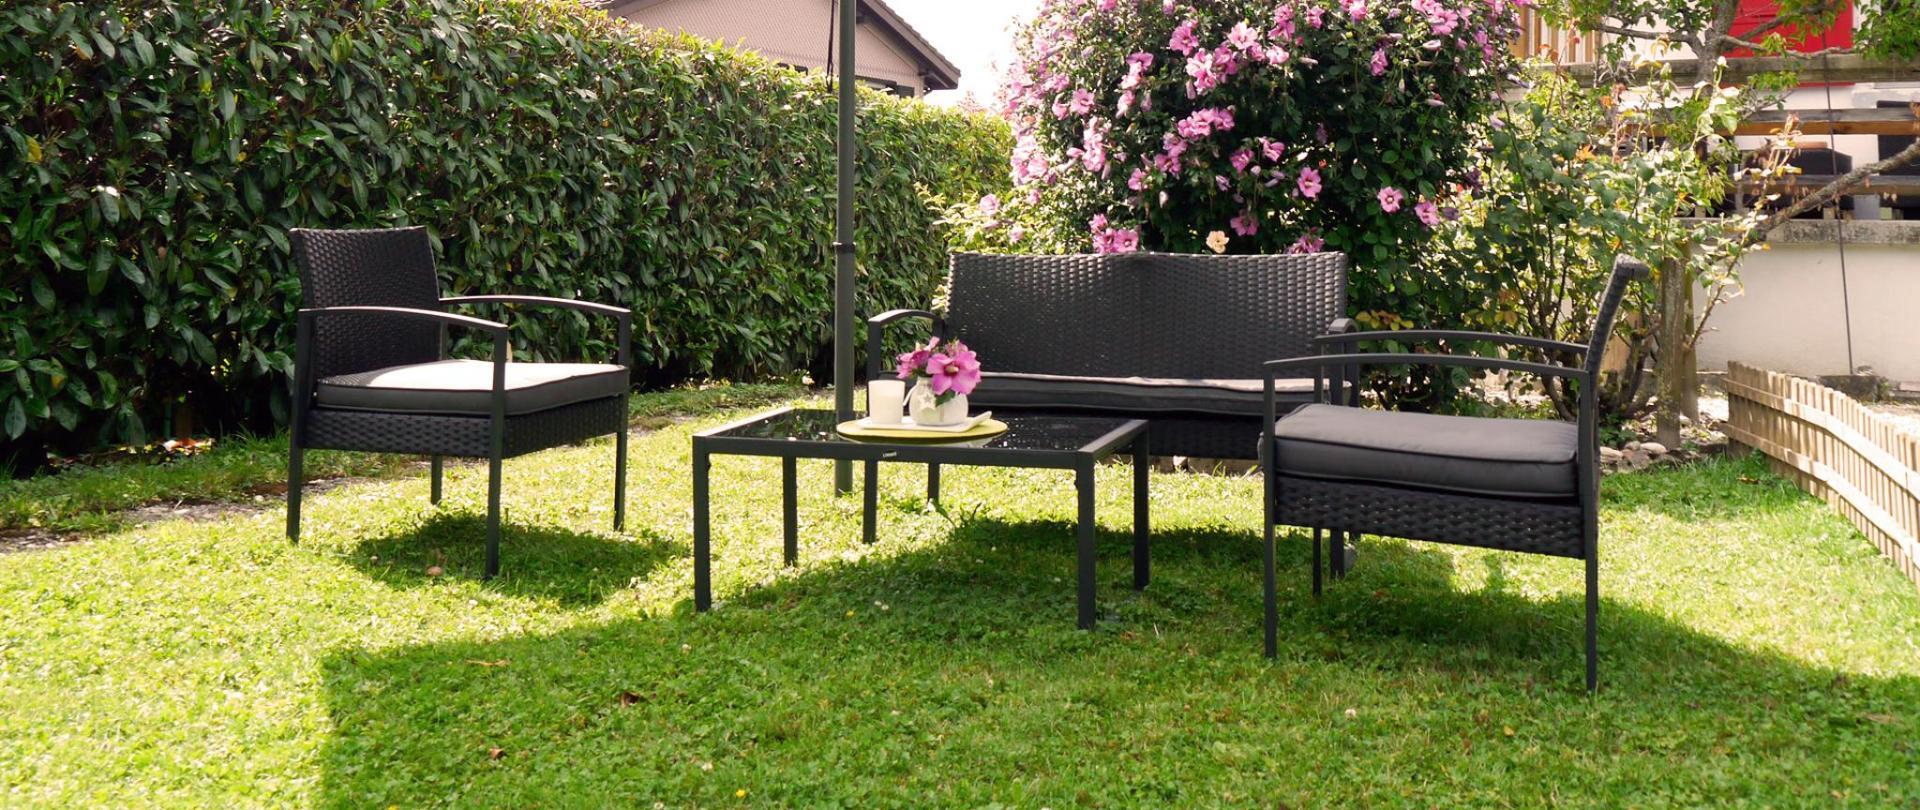 Garten Möbel Kopie.jpg